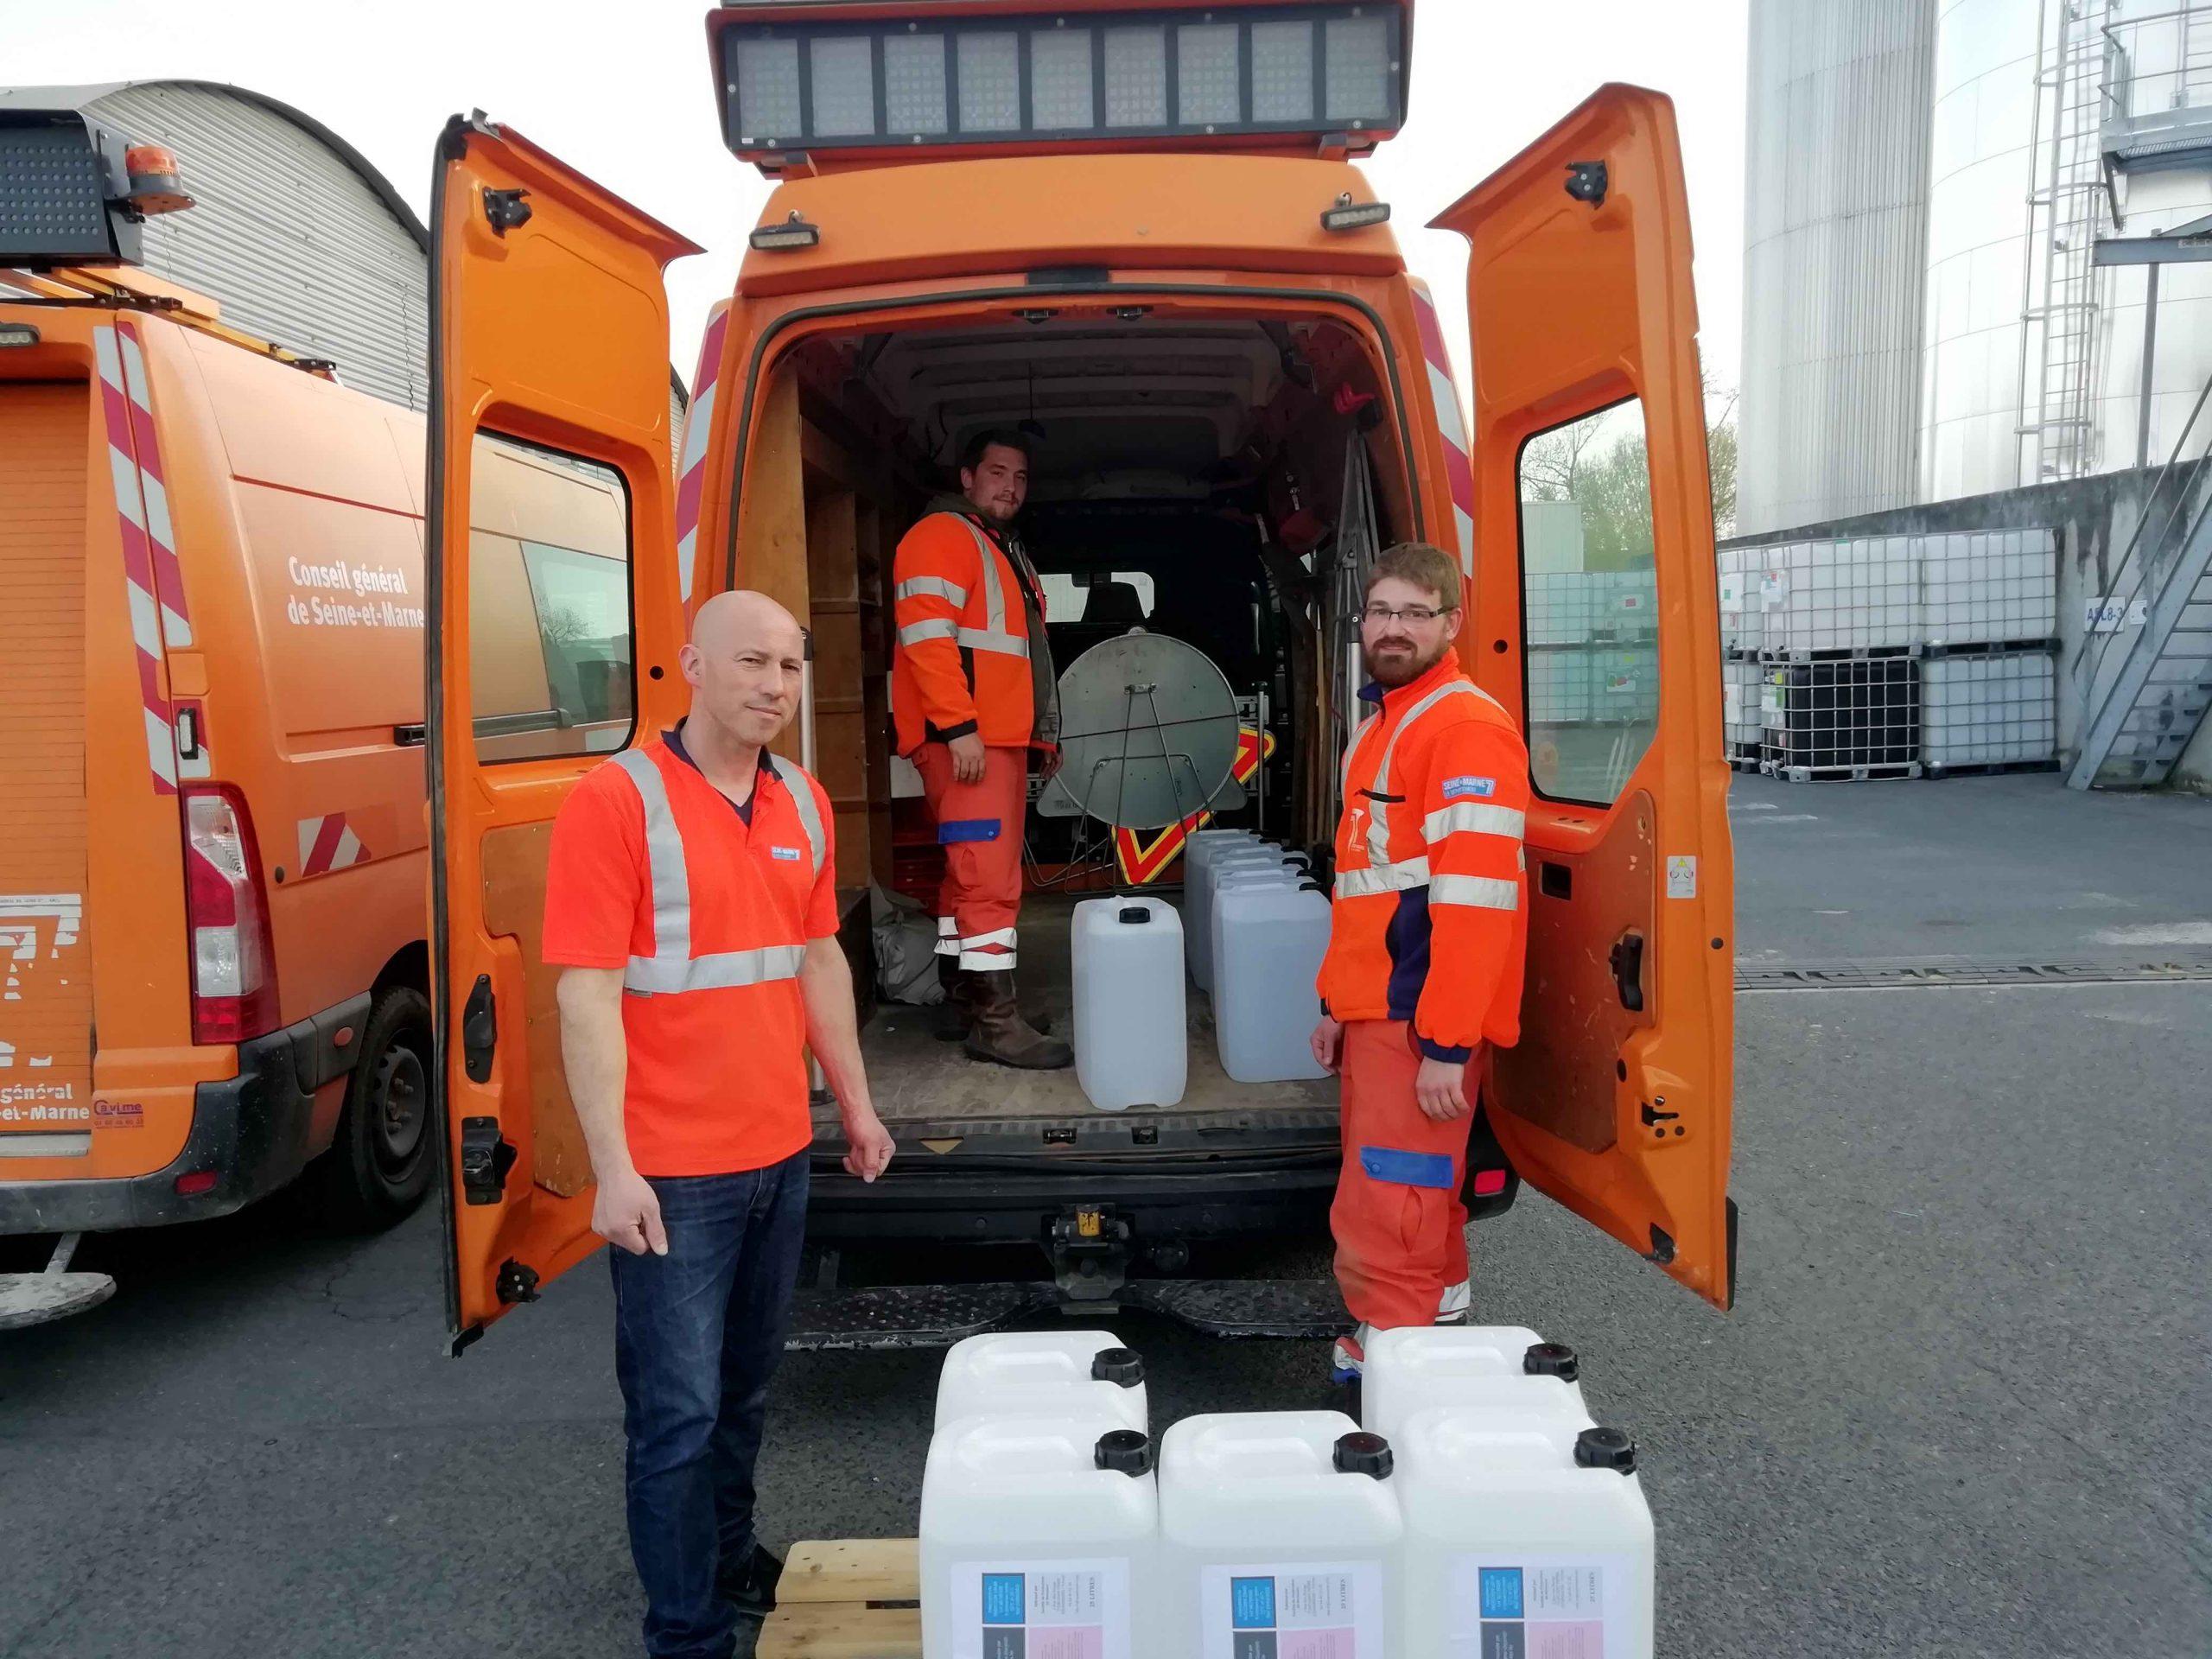 Le département de Seine-et-Marne a distribué 1000 litres de gel hydroalcoolique dans les Ehpad de la région (77)